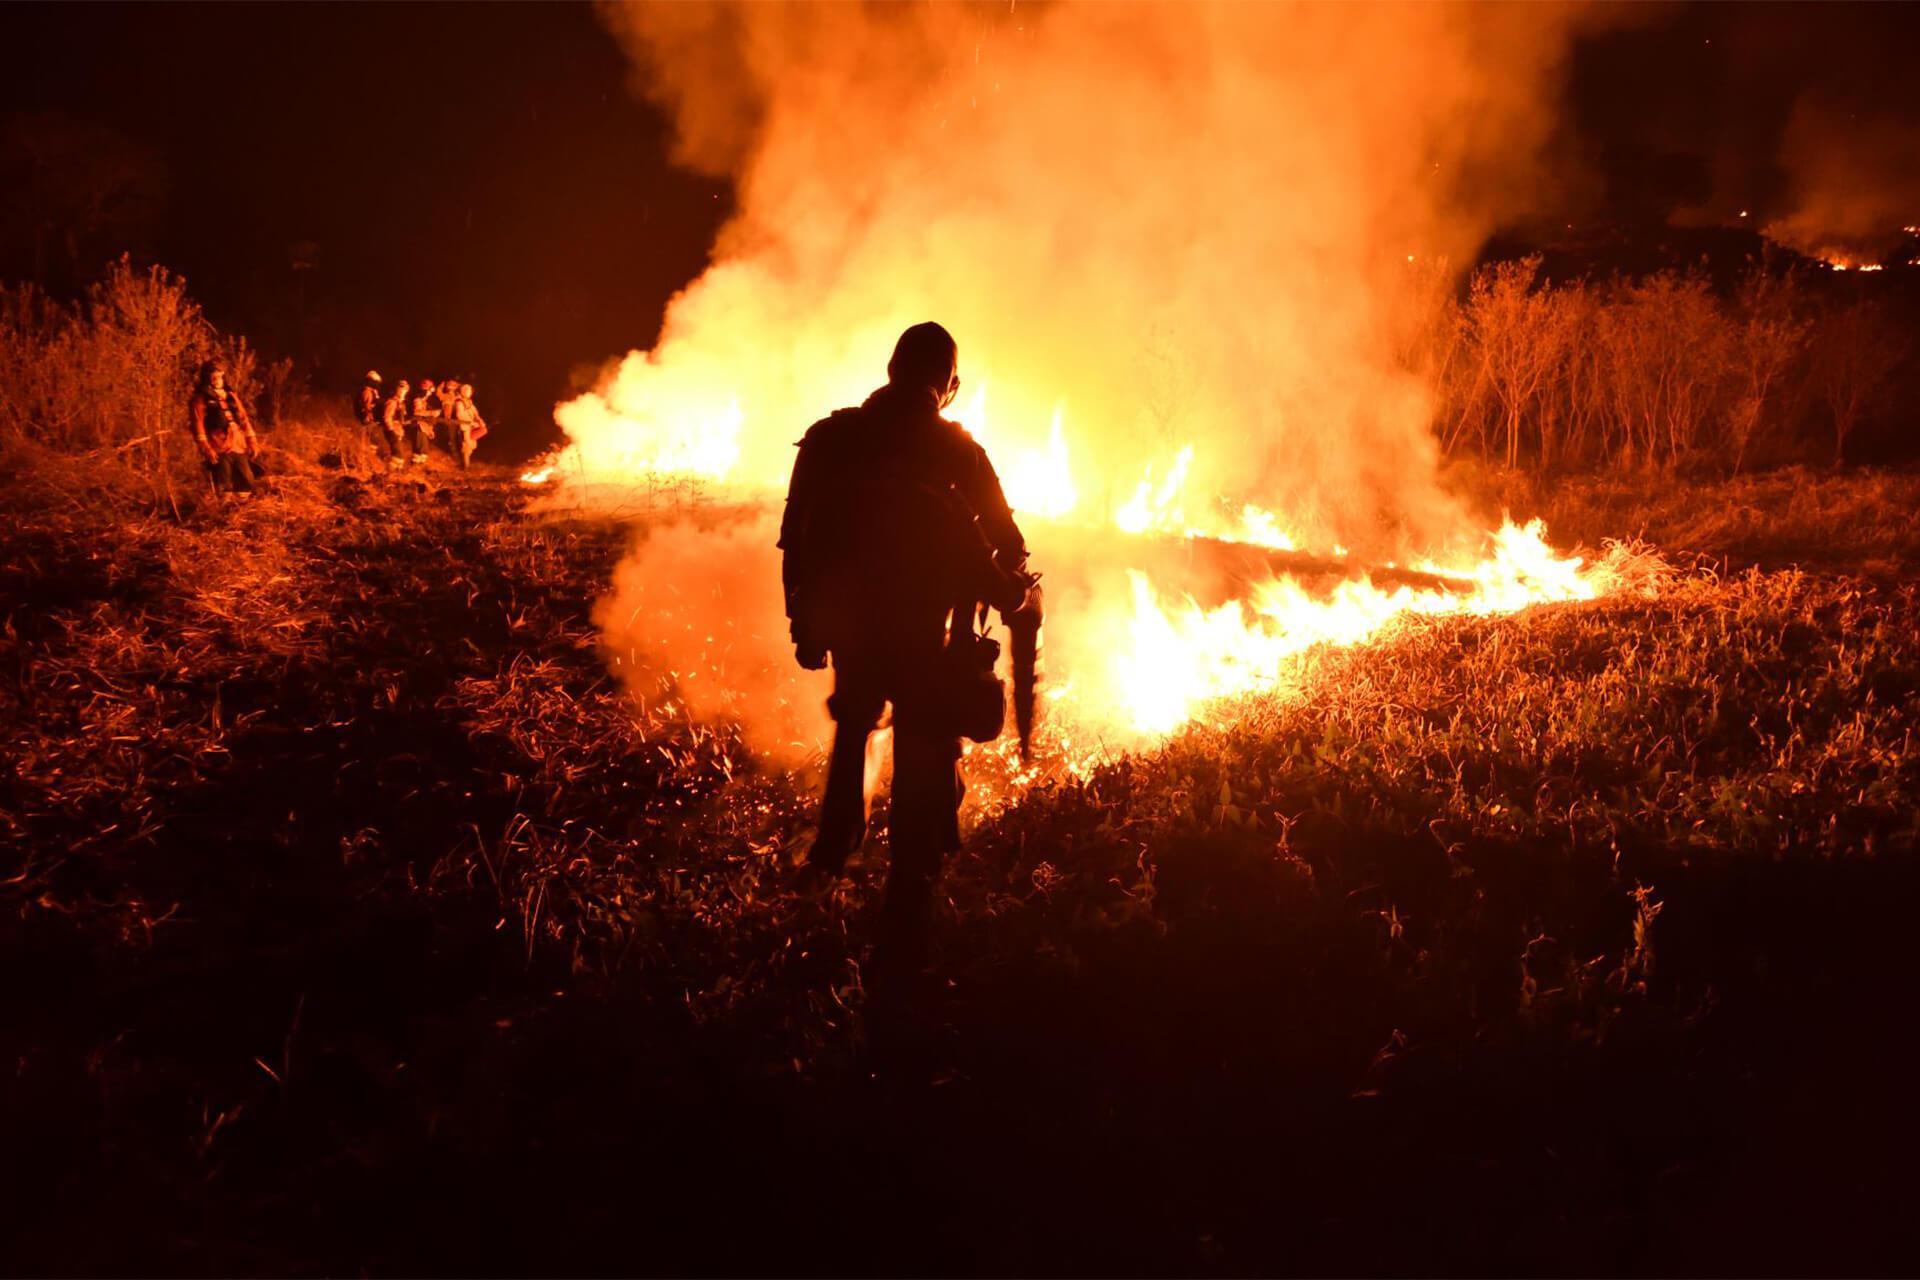 incendies Pantanal au Brésil